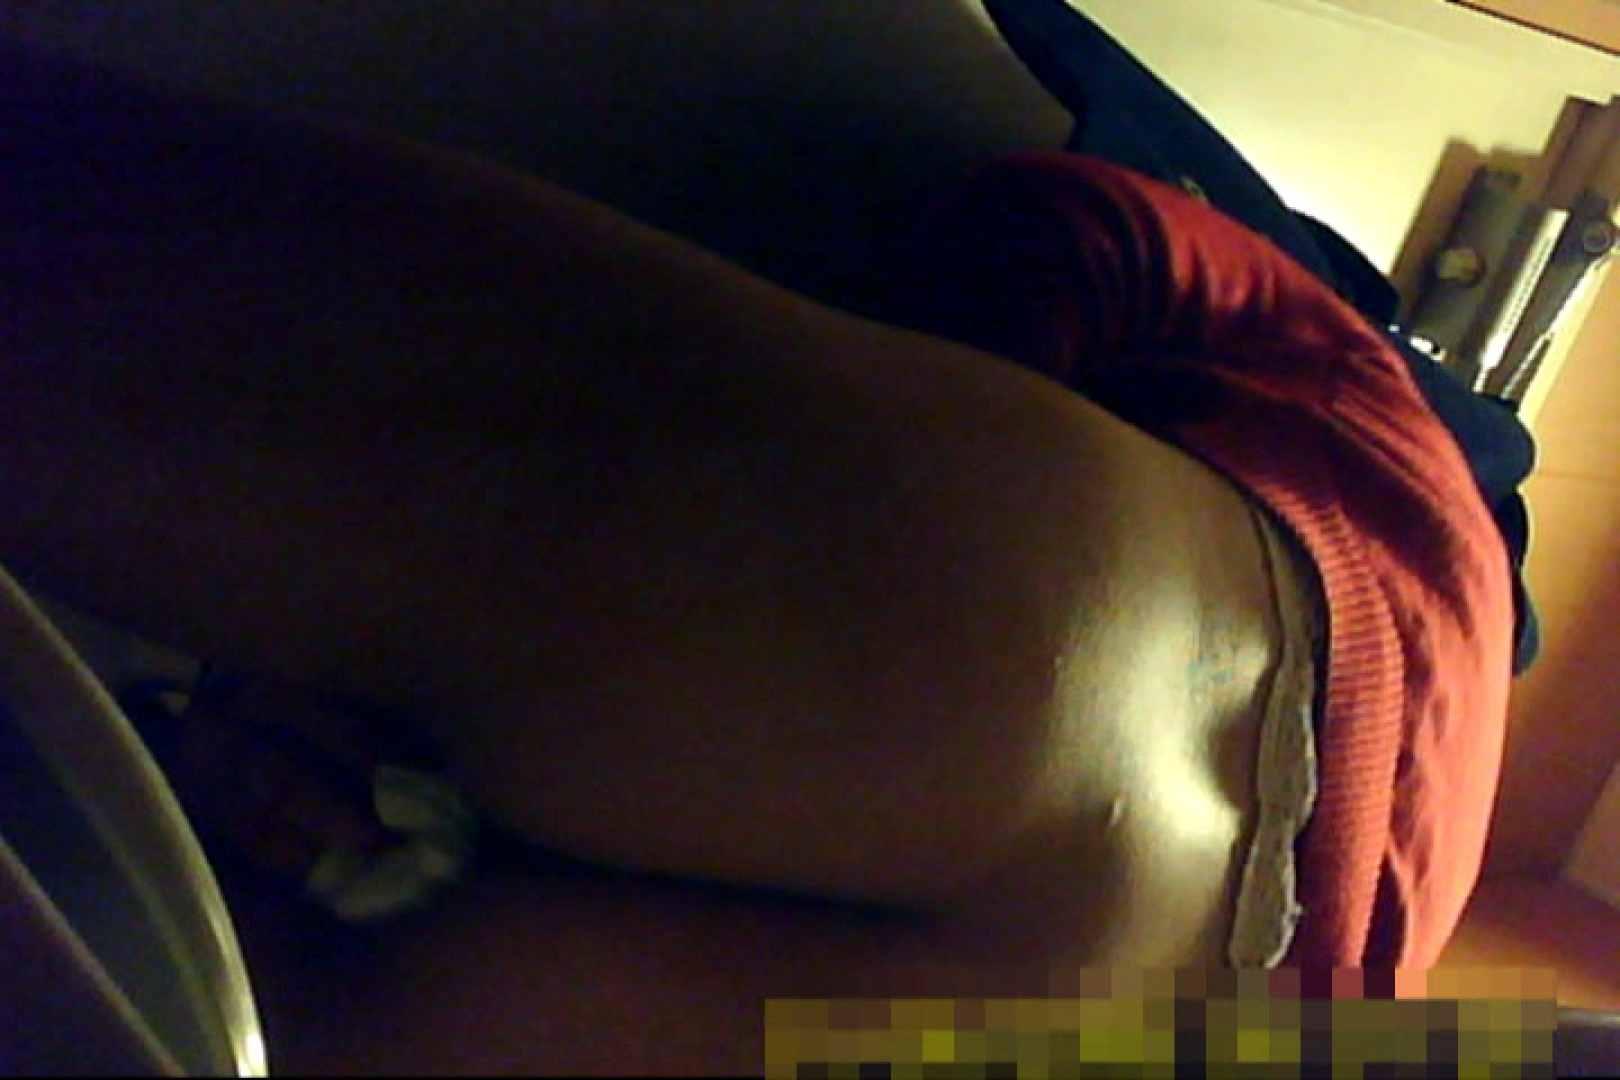 巨乳 乳首:魅惑の化粧室~禁断のプライベート空間~24:大奥